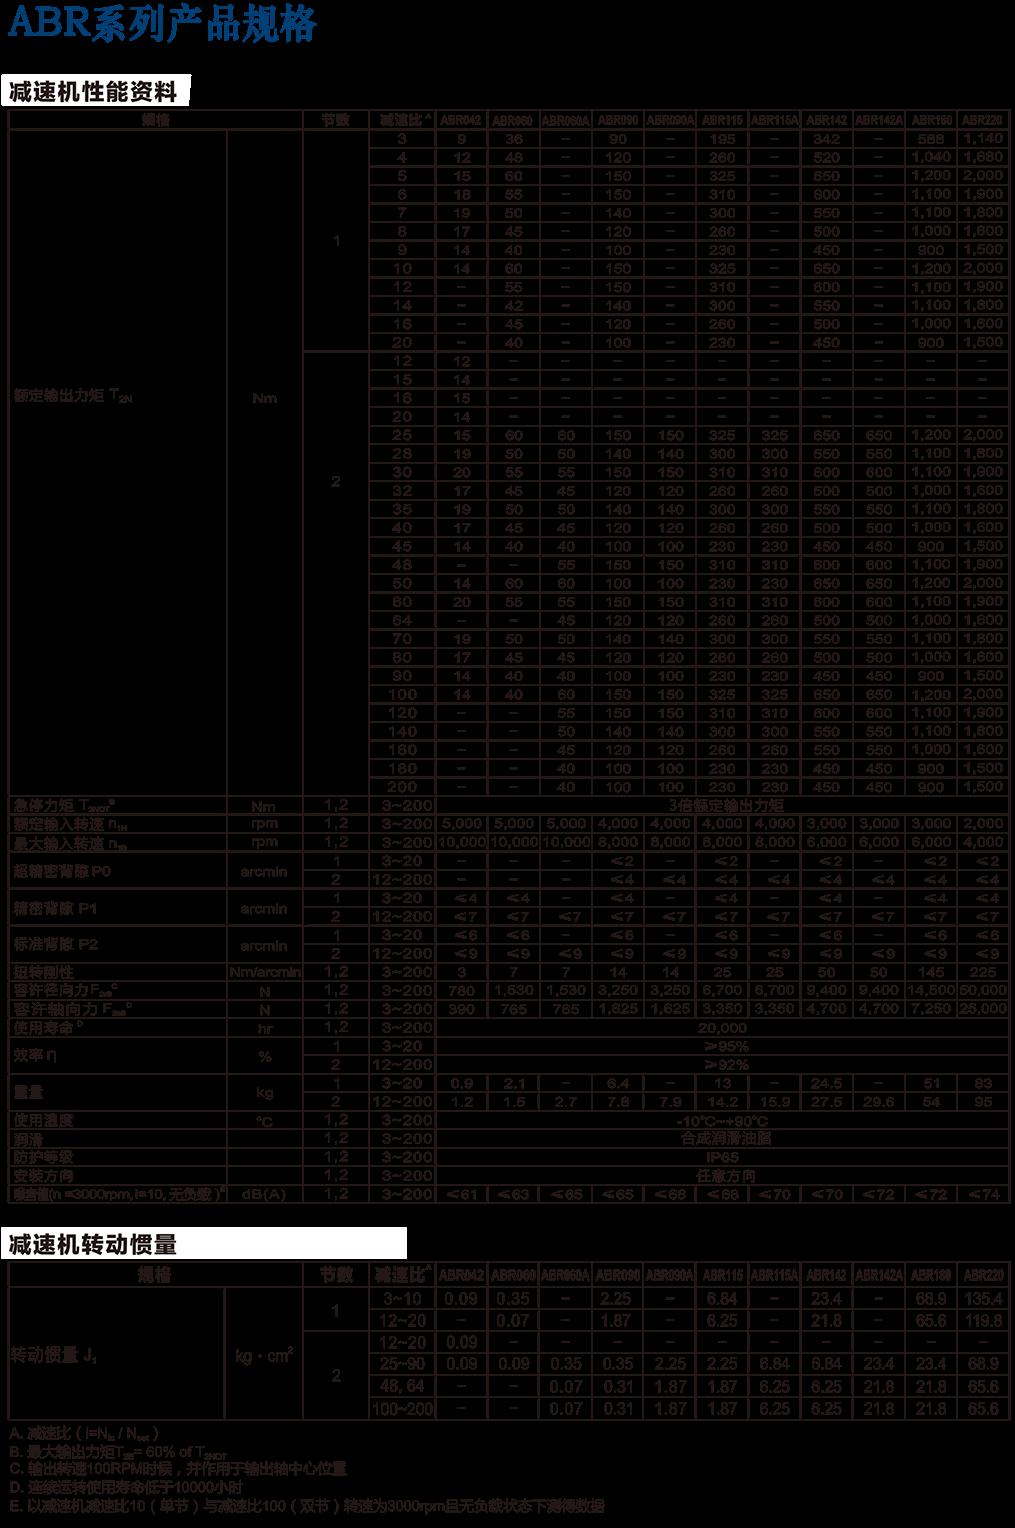 ABR-行星减su机规格.png